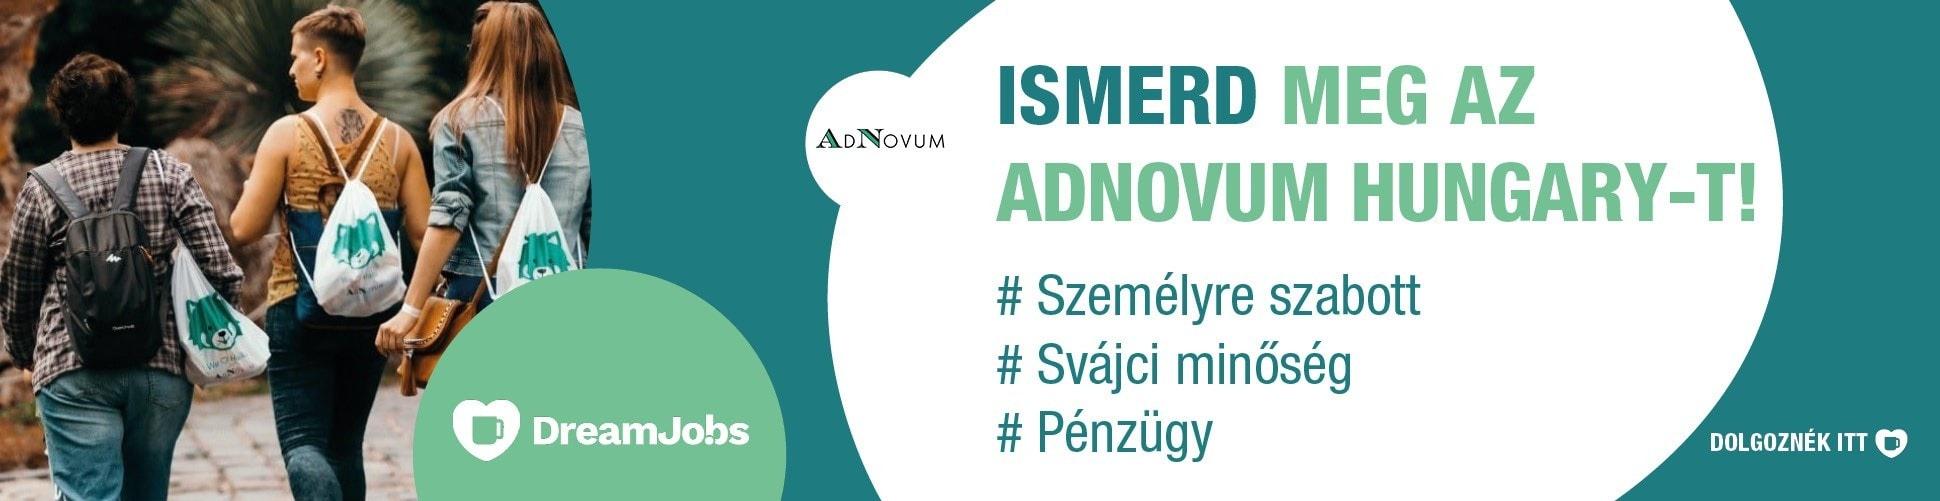 Gold Business Partner_AdNovum-Hungary